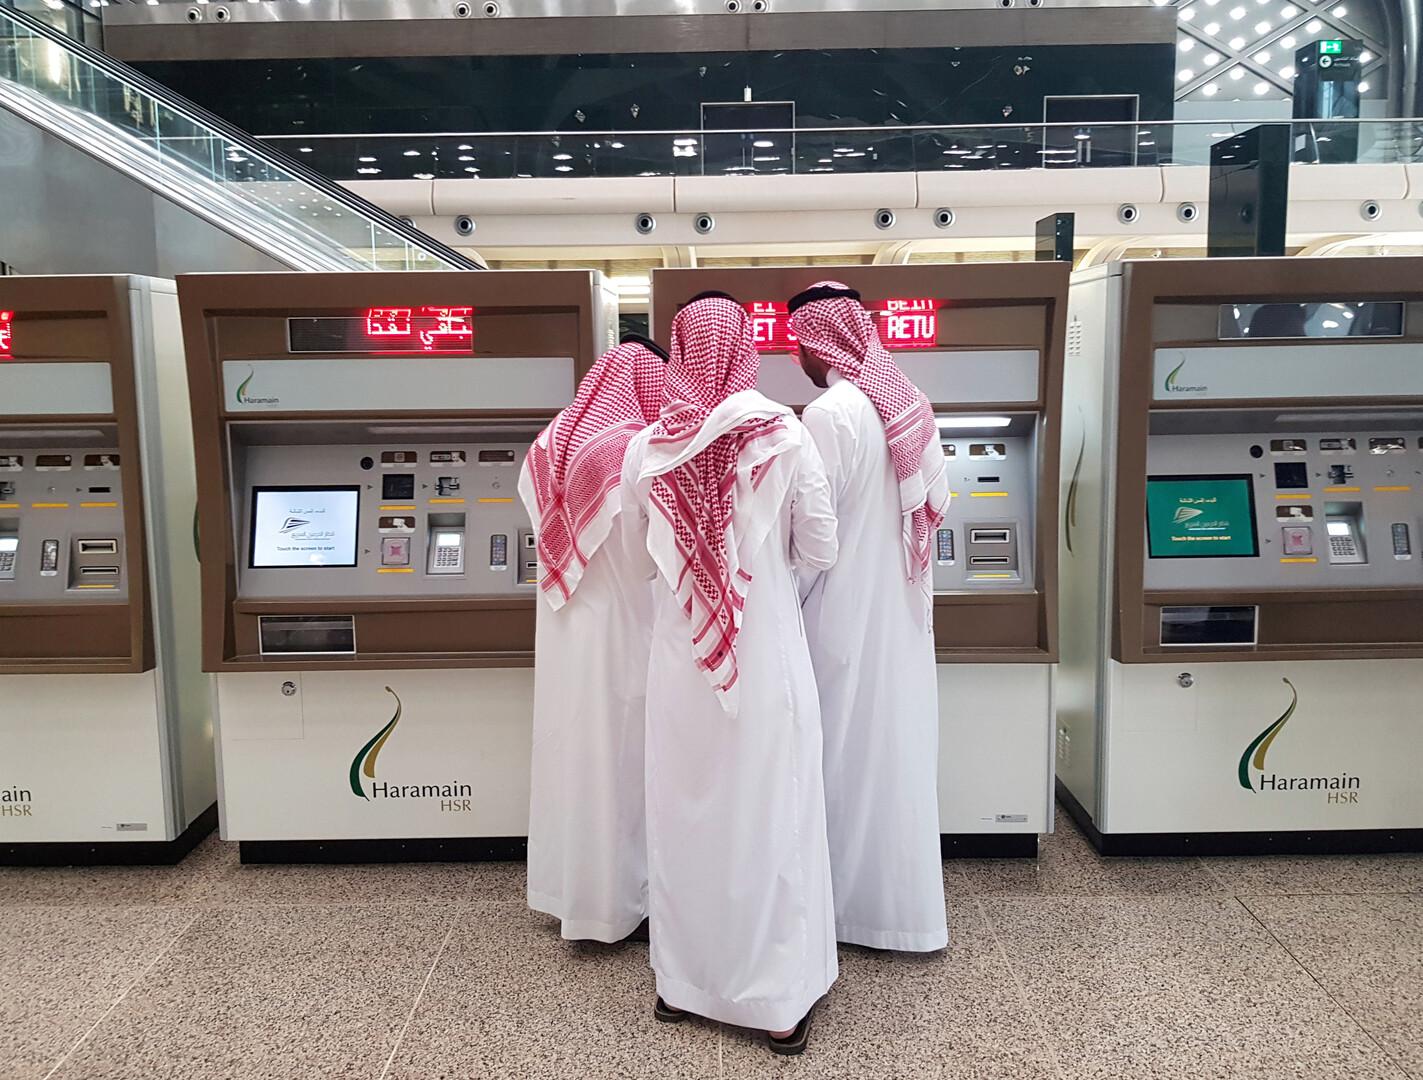 السعودية.. ما حقيقة منع من هم فوق 35 عاما من العمل بالقطاع الخاص؟